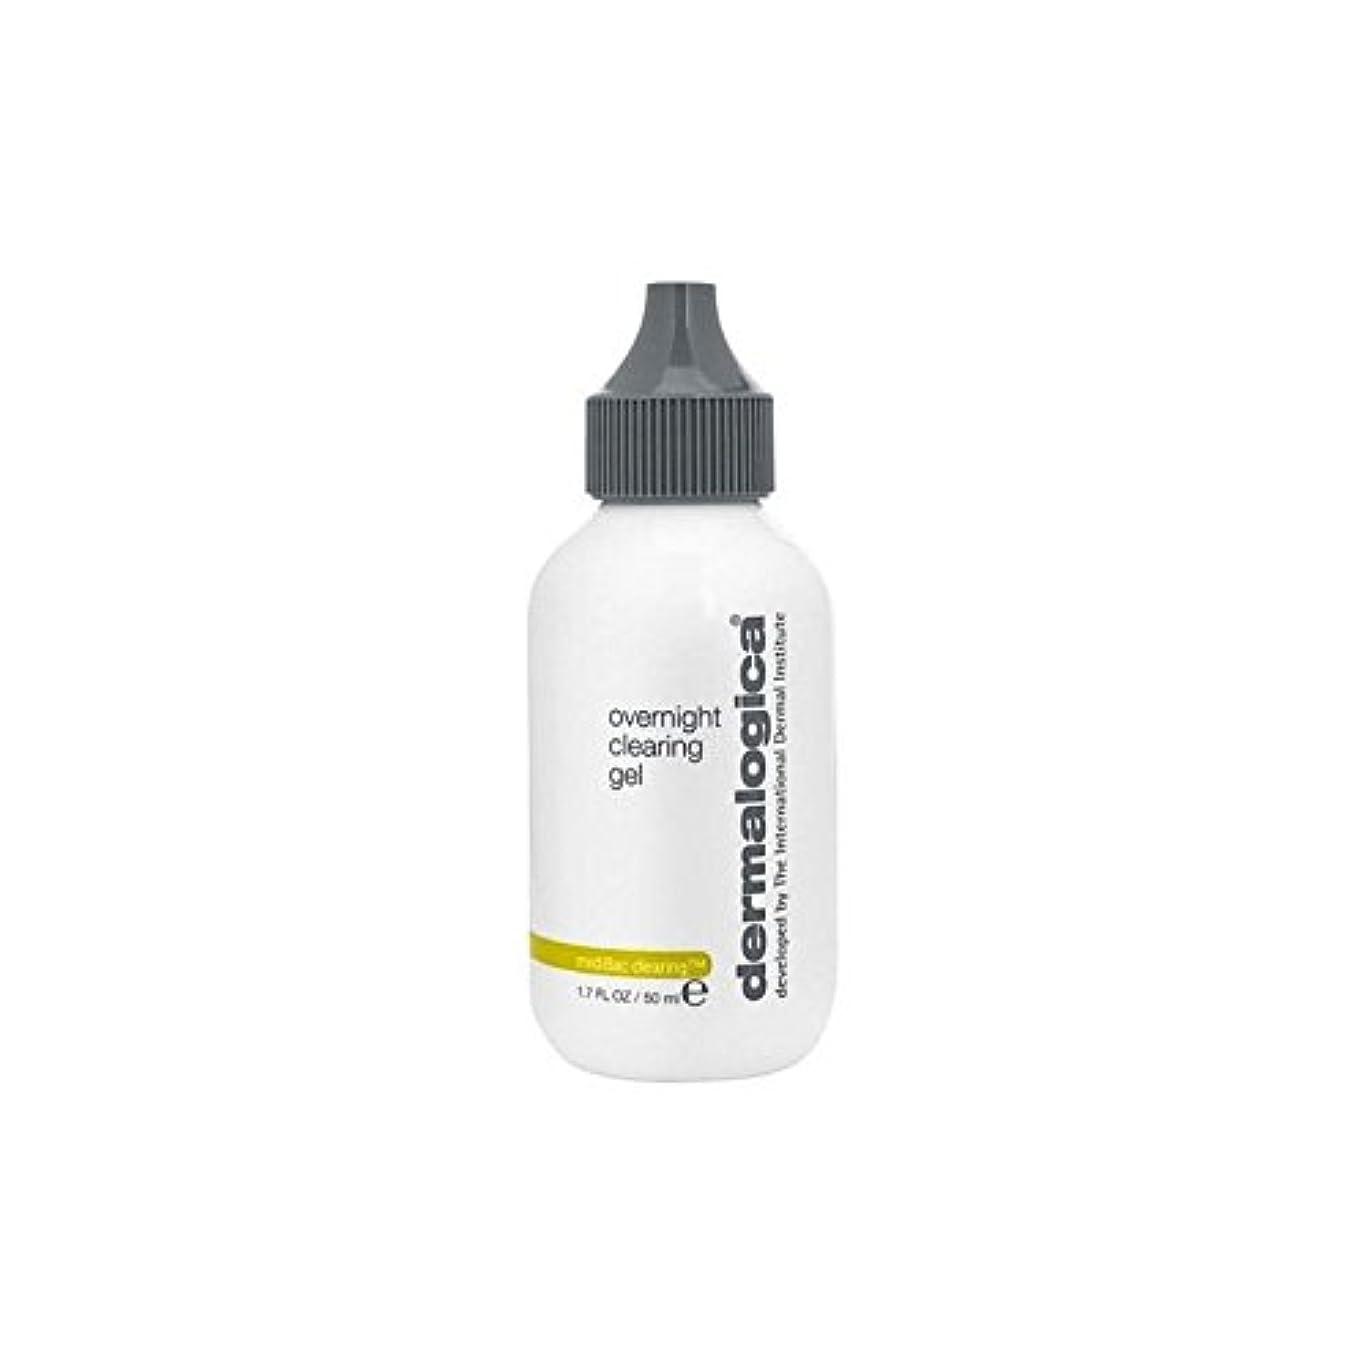 スタジアム進化する発表Dermalogica Medibac Overnight Clearing Gel (50ml) - ダーマロジカ一晩透明ゲル(50)中 [並行輸入品]